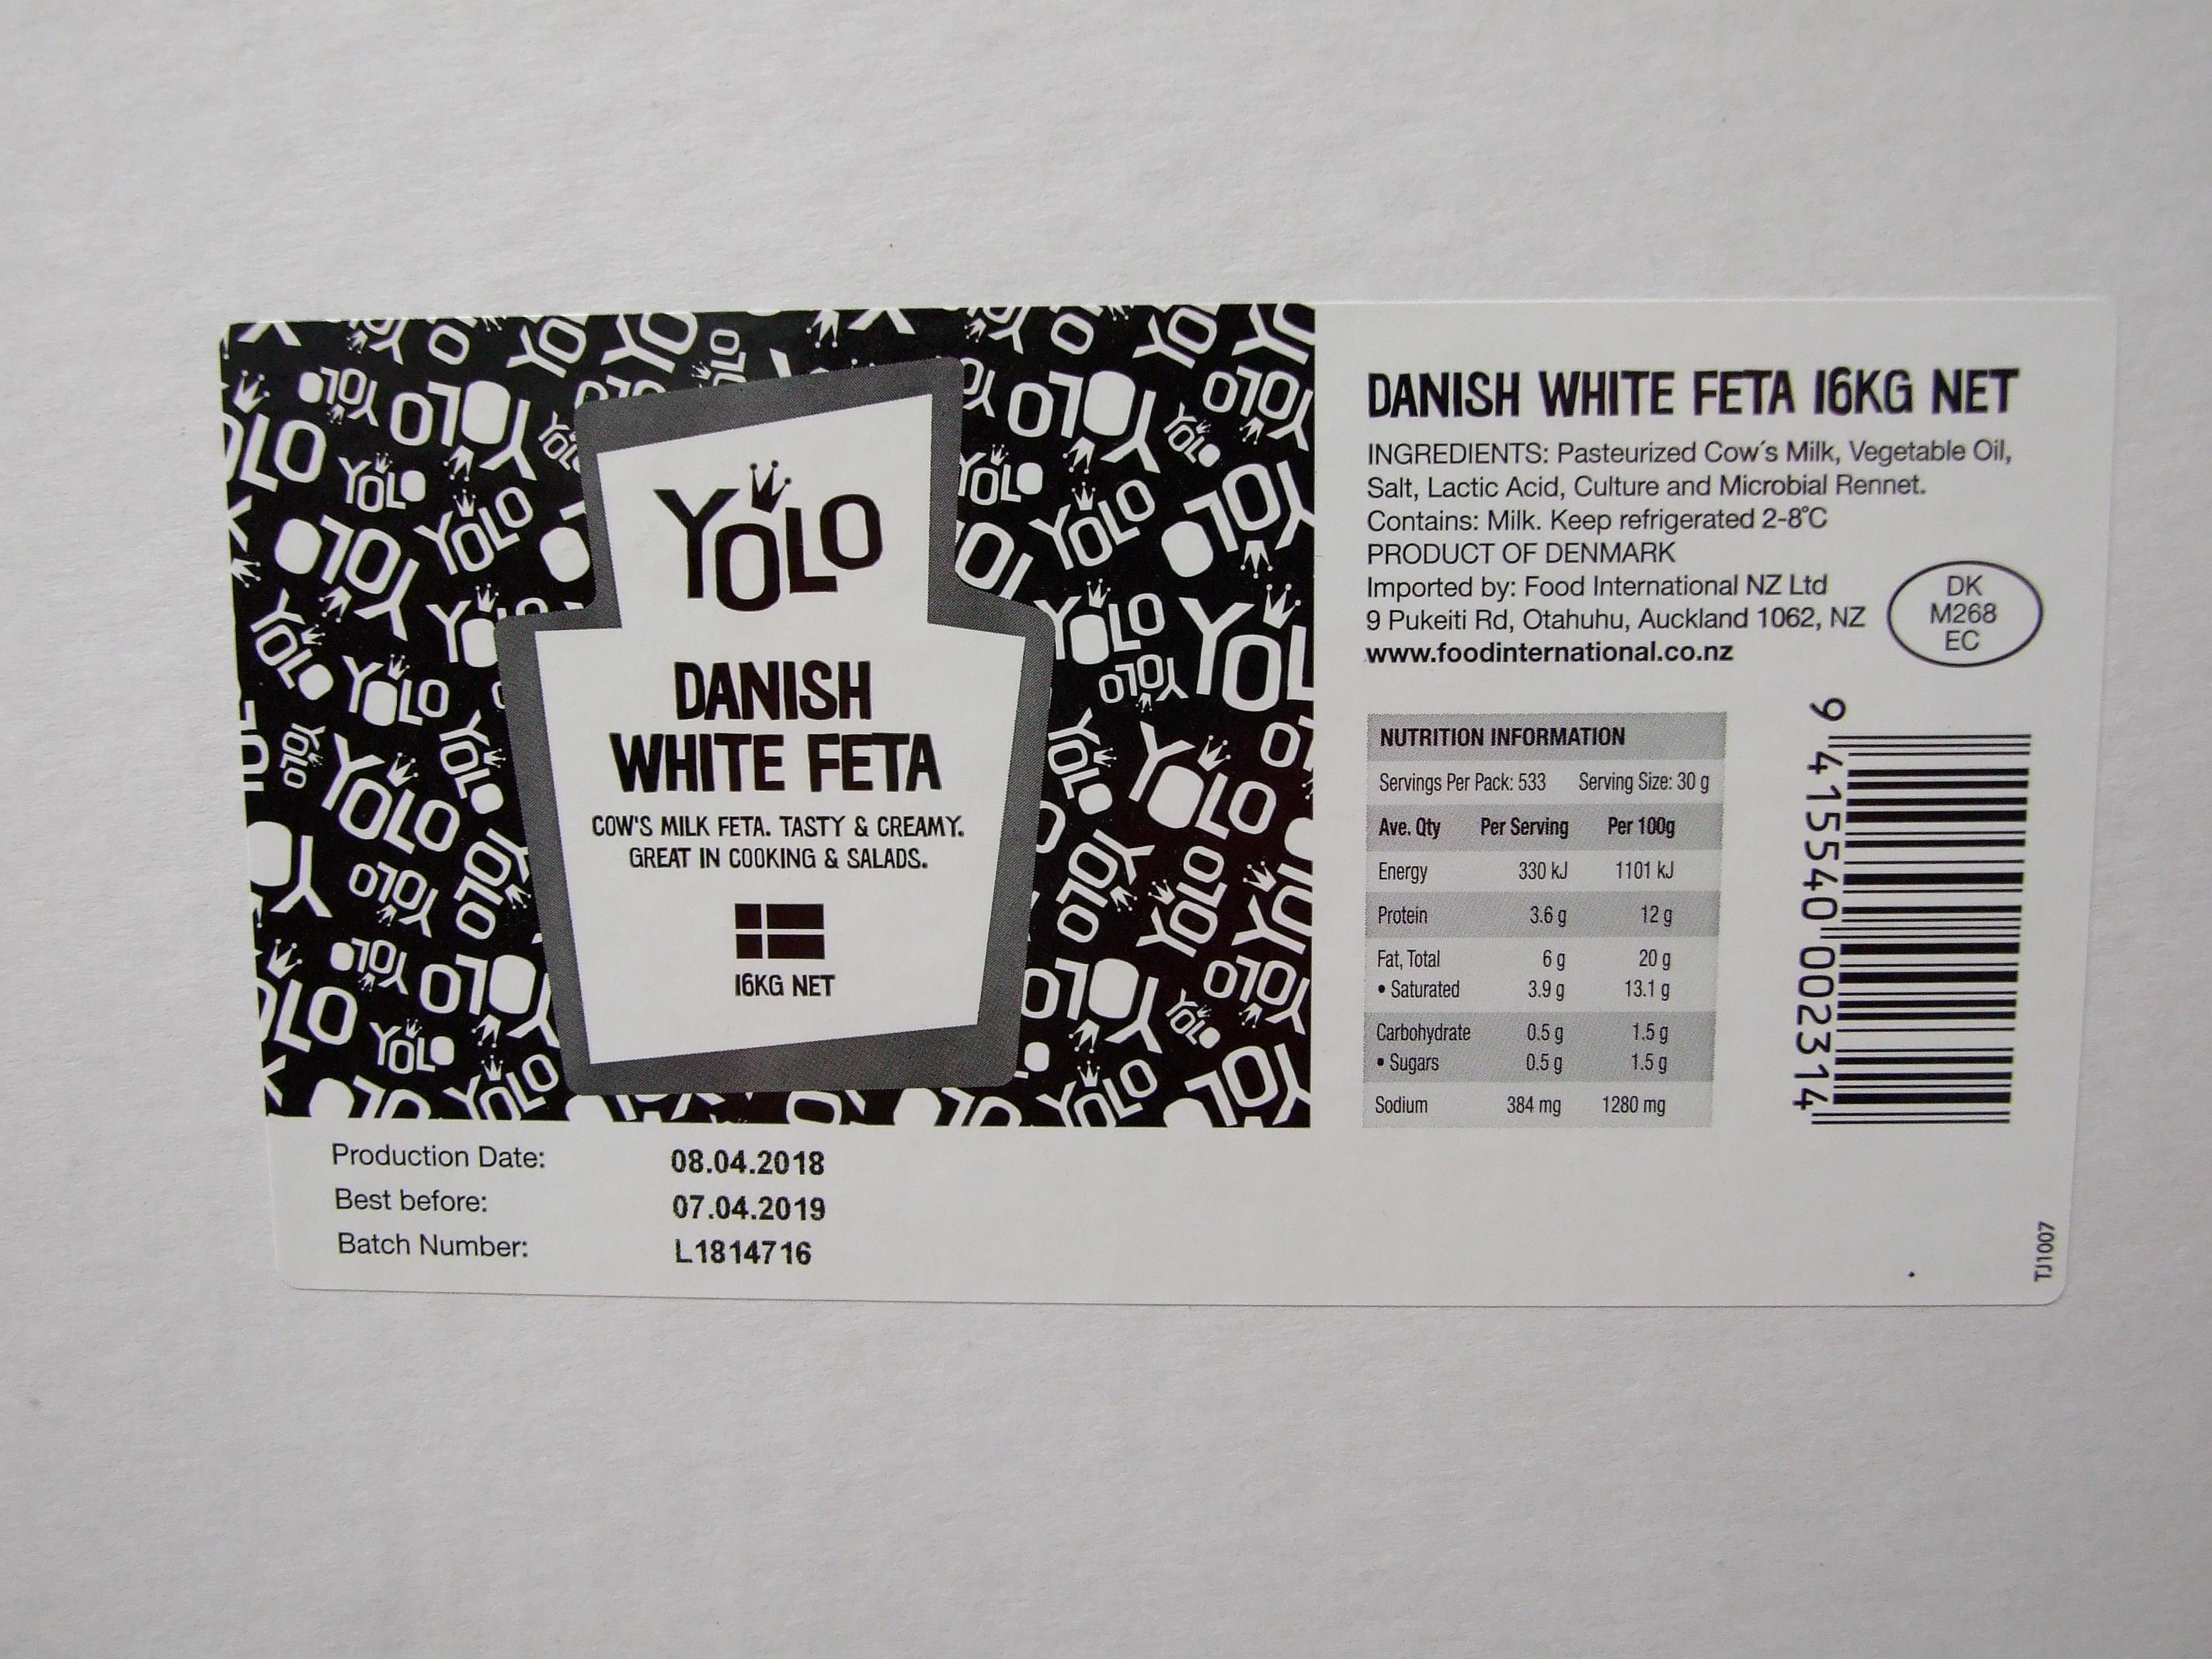 YOLO Danish Feta 16kg – FOOD INTERNATIONAL